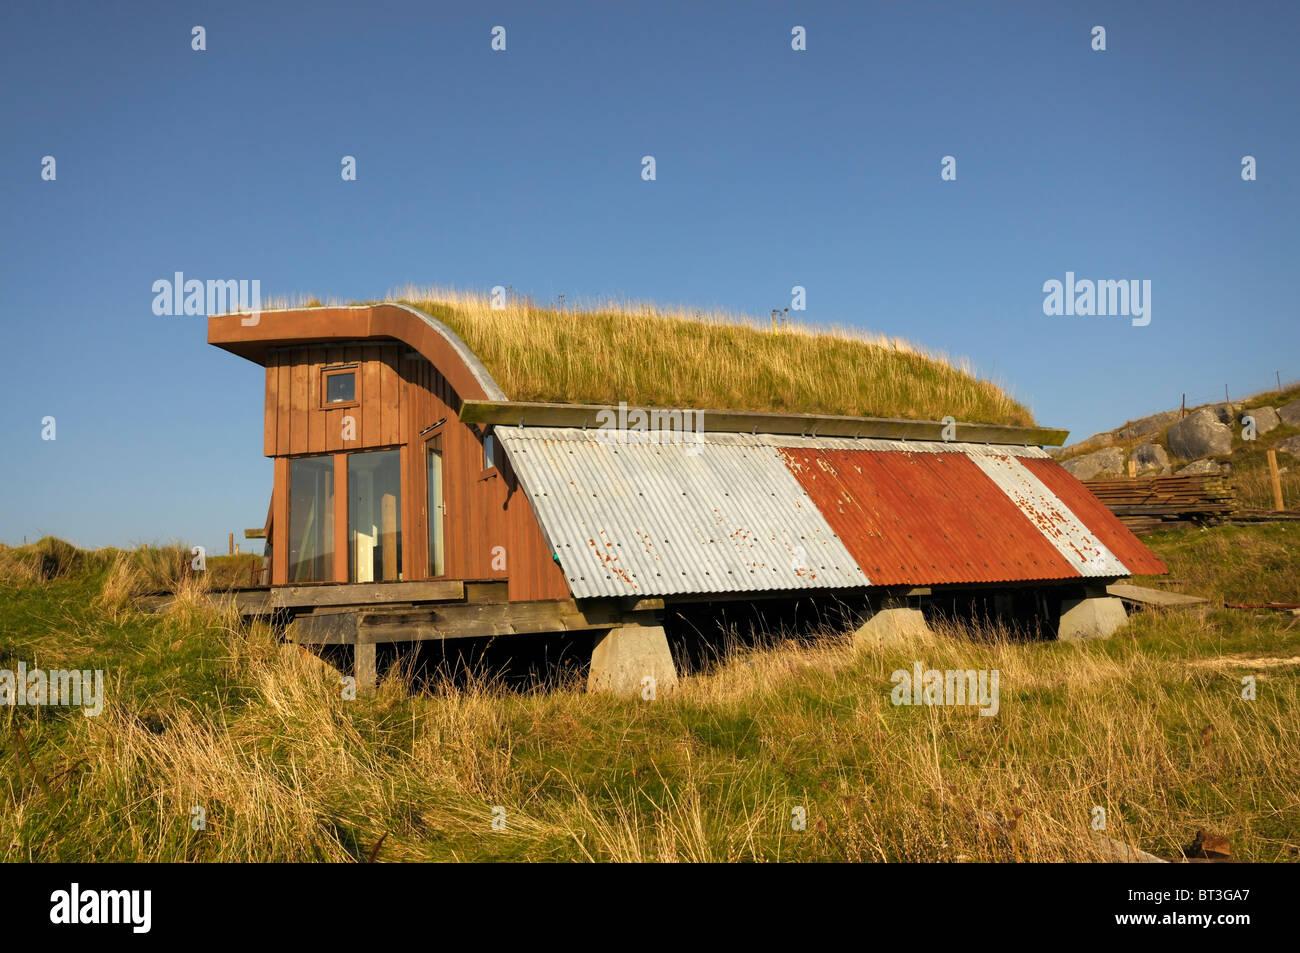 Eco/alternative maison construite à partir de matériaux de récupération et de nouveau avec un Photo Stock